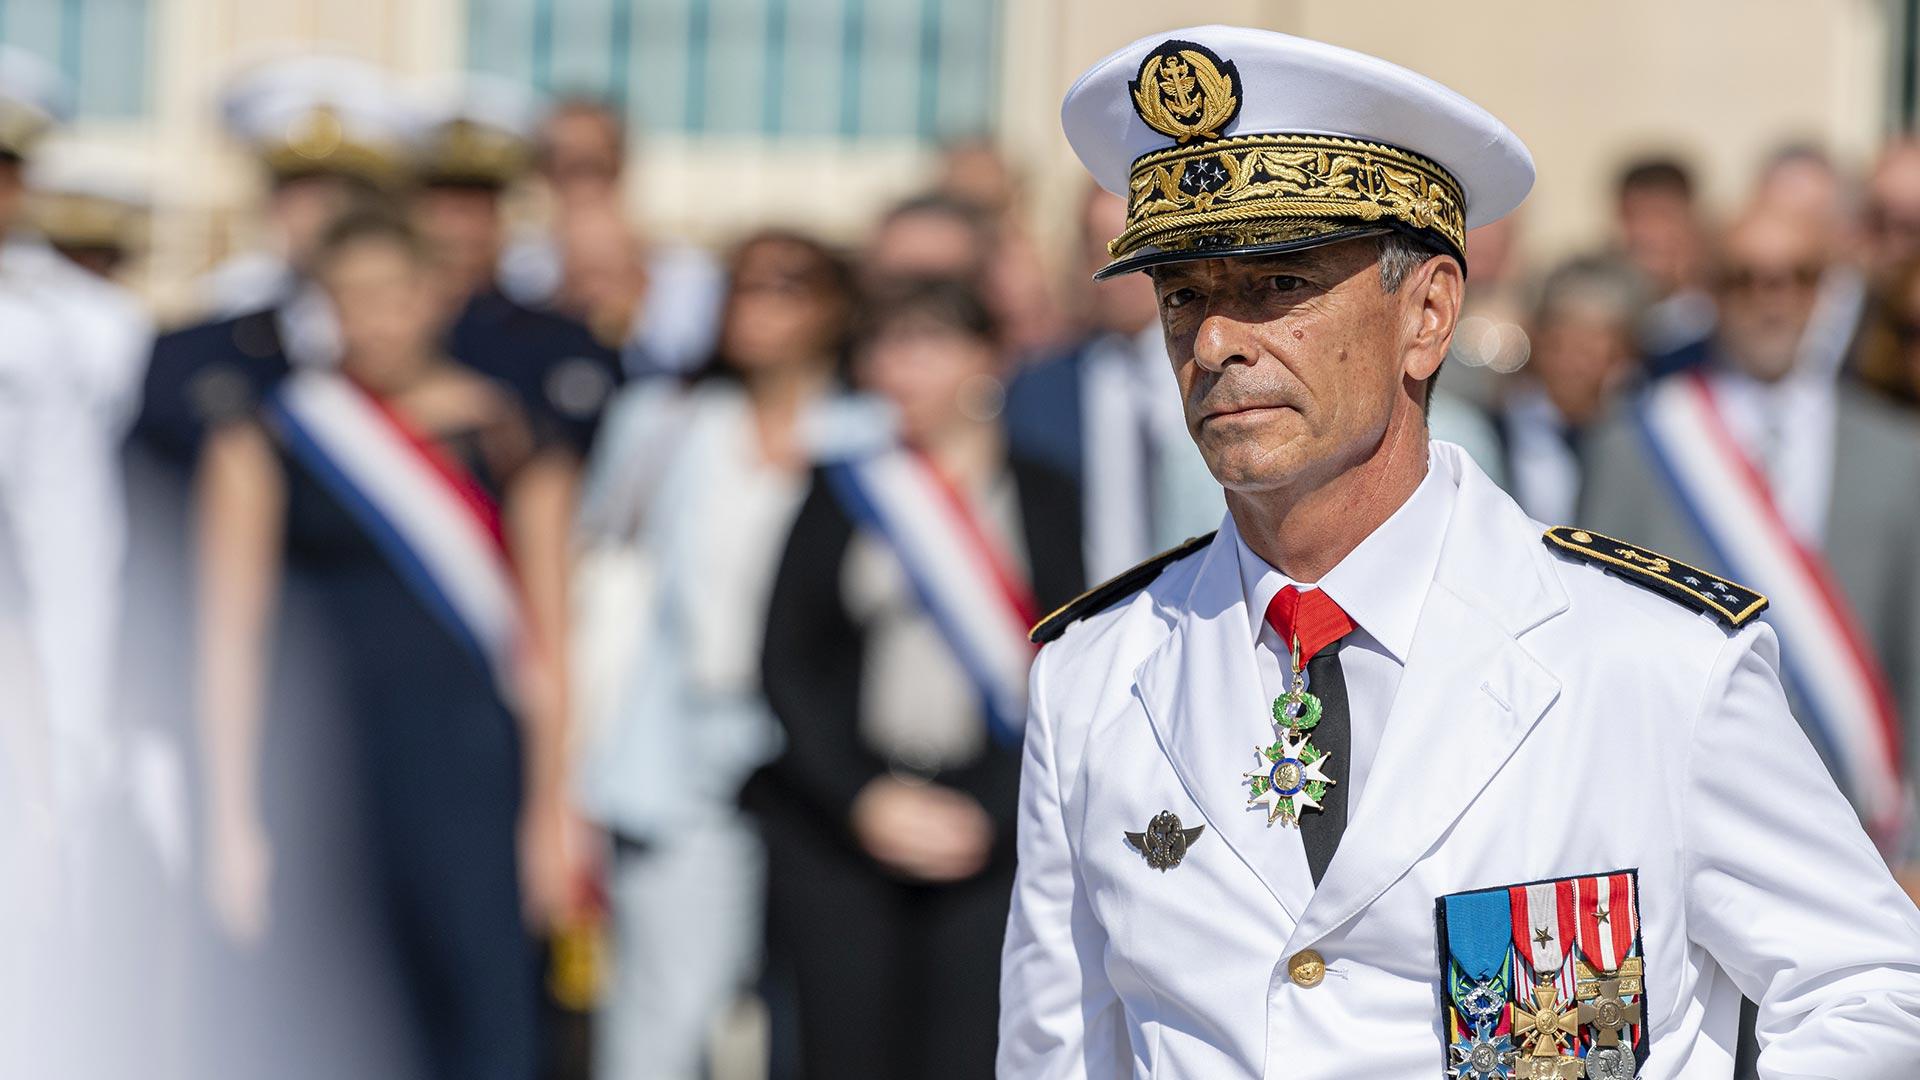 Toulon: L'Amiral Laurent Isnard, nouveau Préfet maritime de la Méditerranée. Photo: ©Sébastien Chenal - Marine nationale